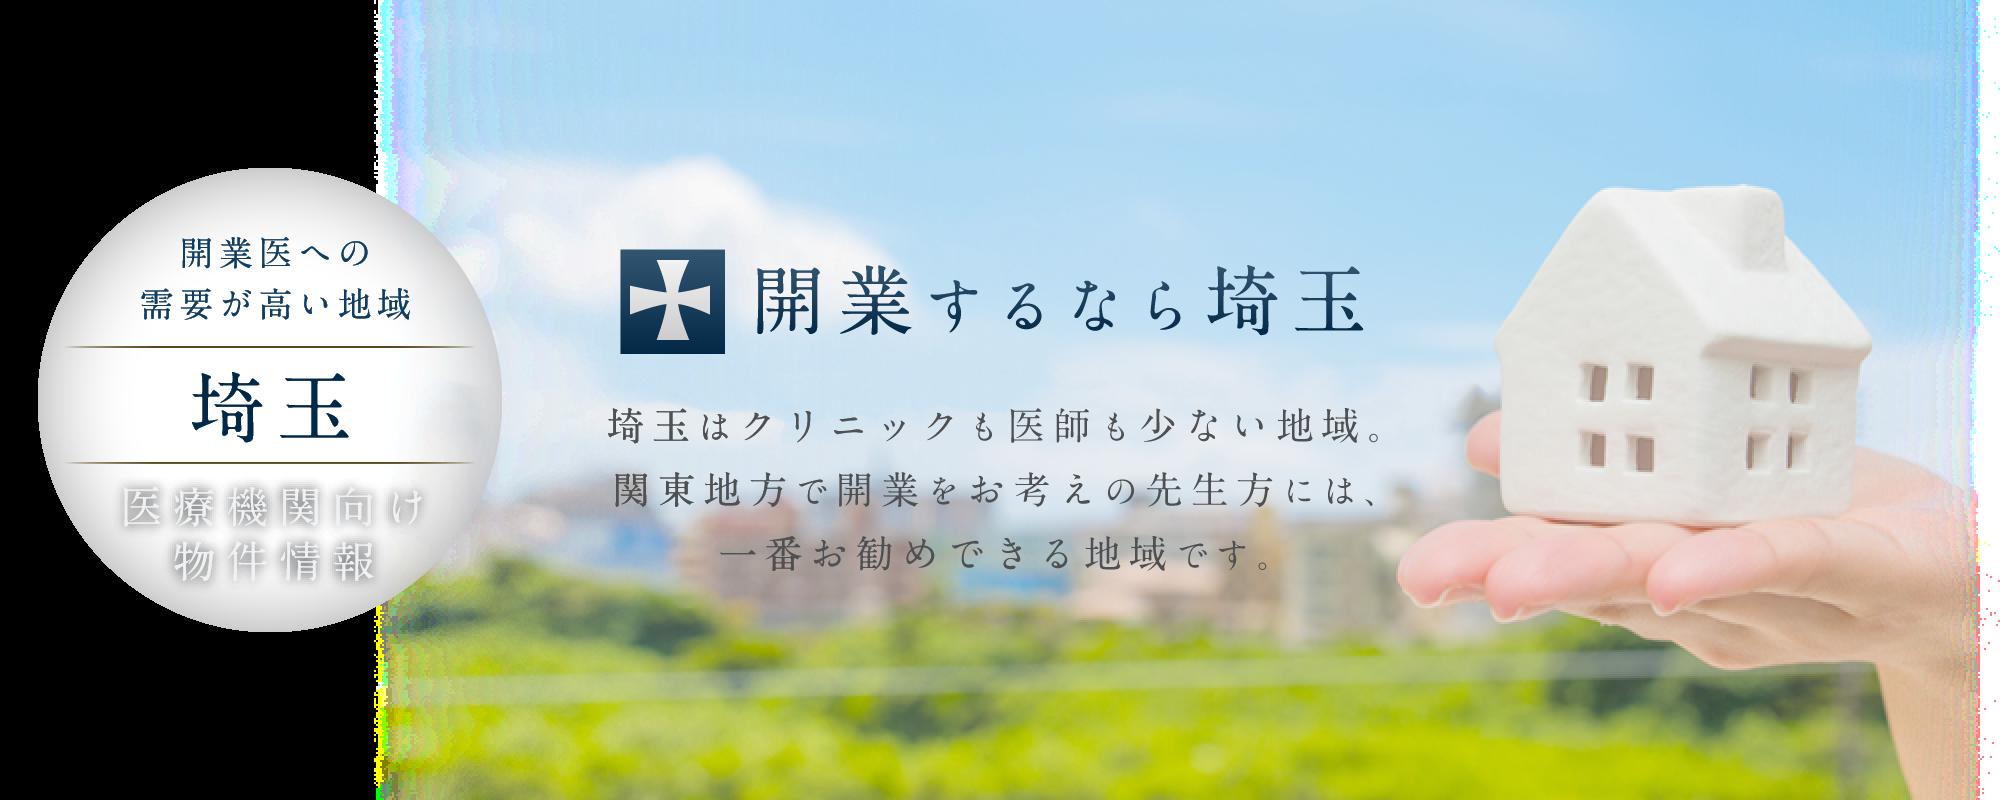 埼玉はクリニックも医師も少ない地域。関東地方で開業をお考えの先生方には、一番お勧めできる地域です。